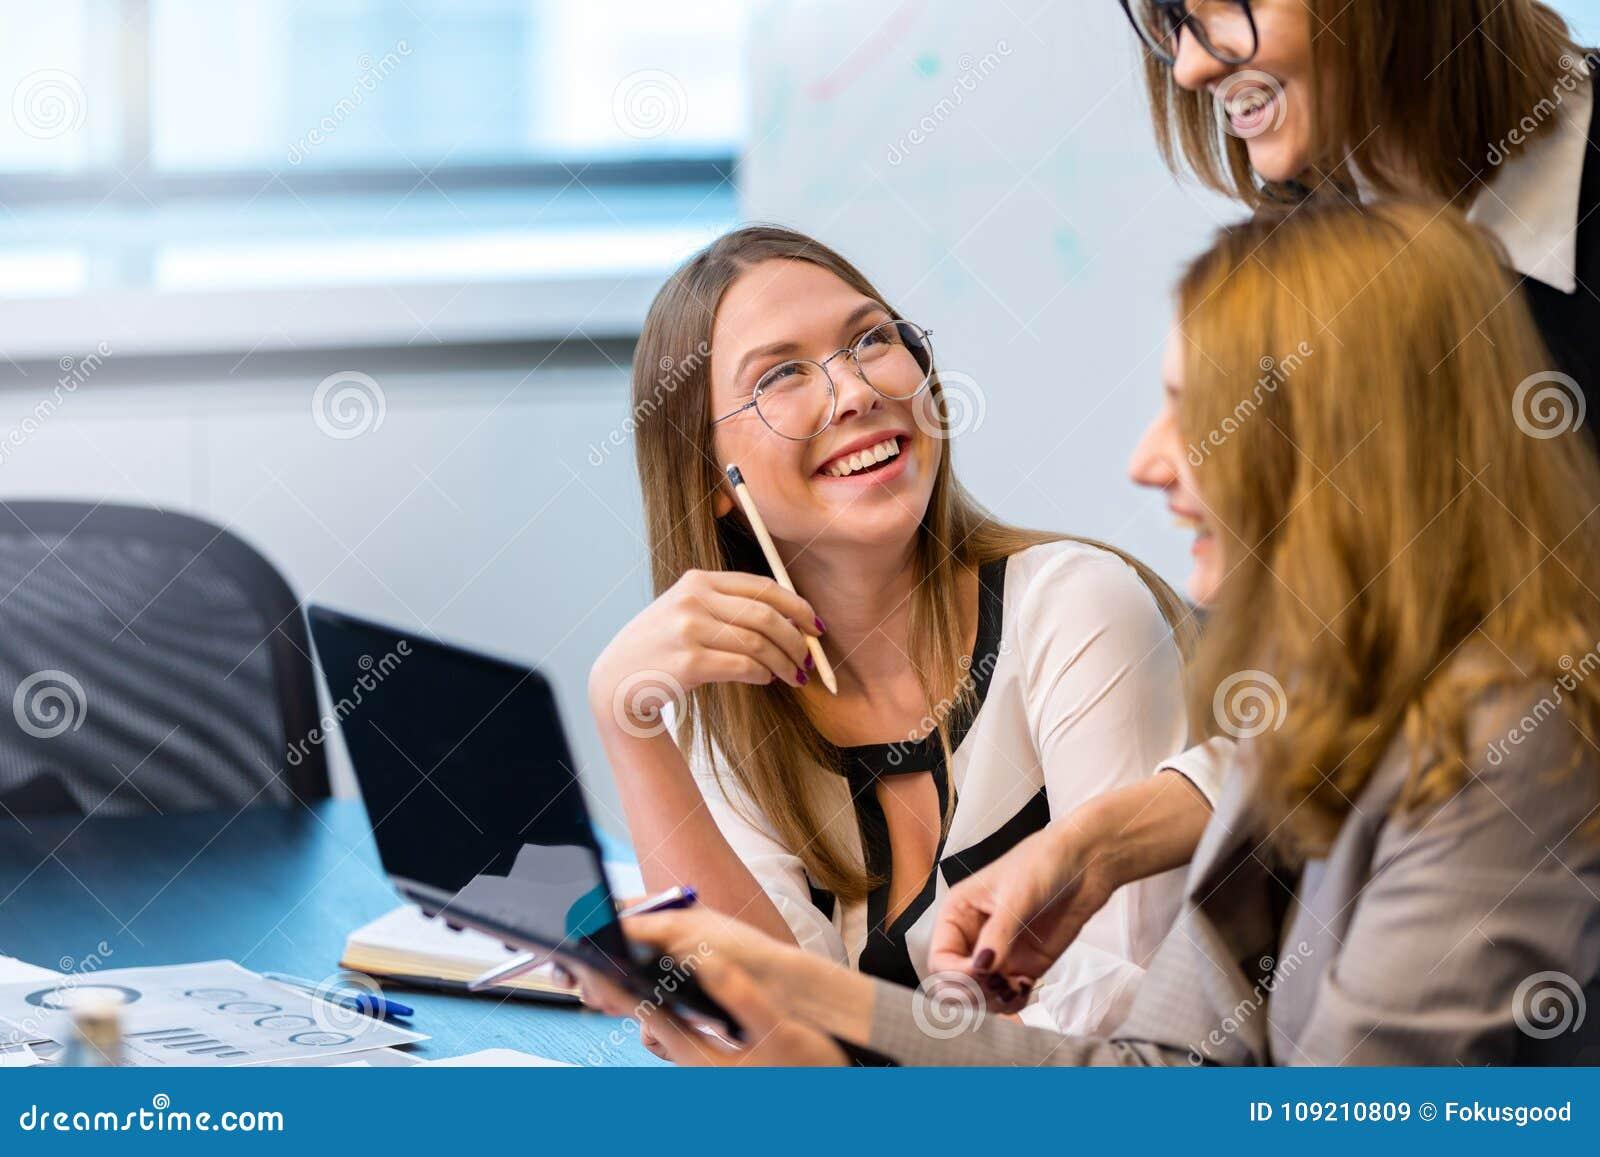 Успешная работа для девушек заработать онлайн пересвет